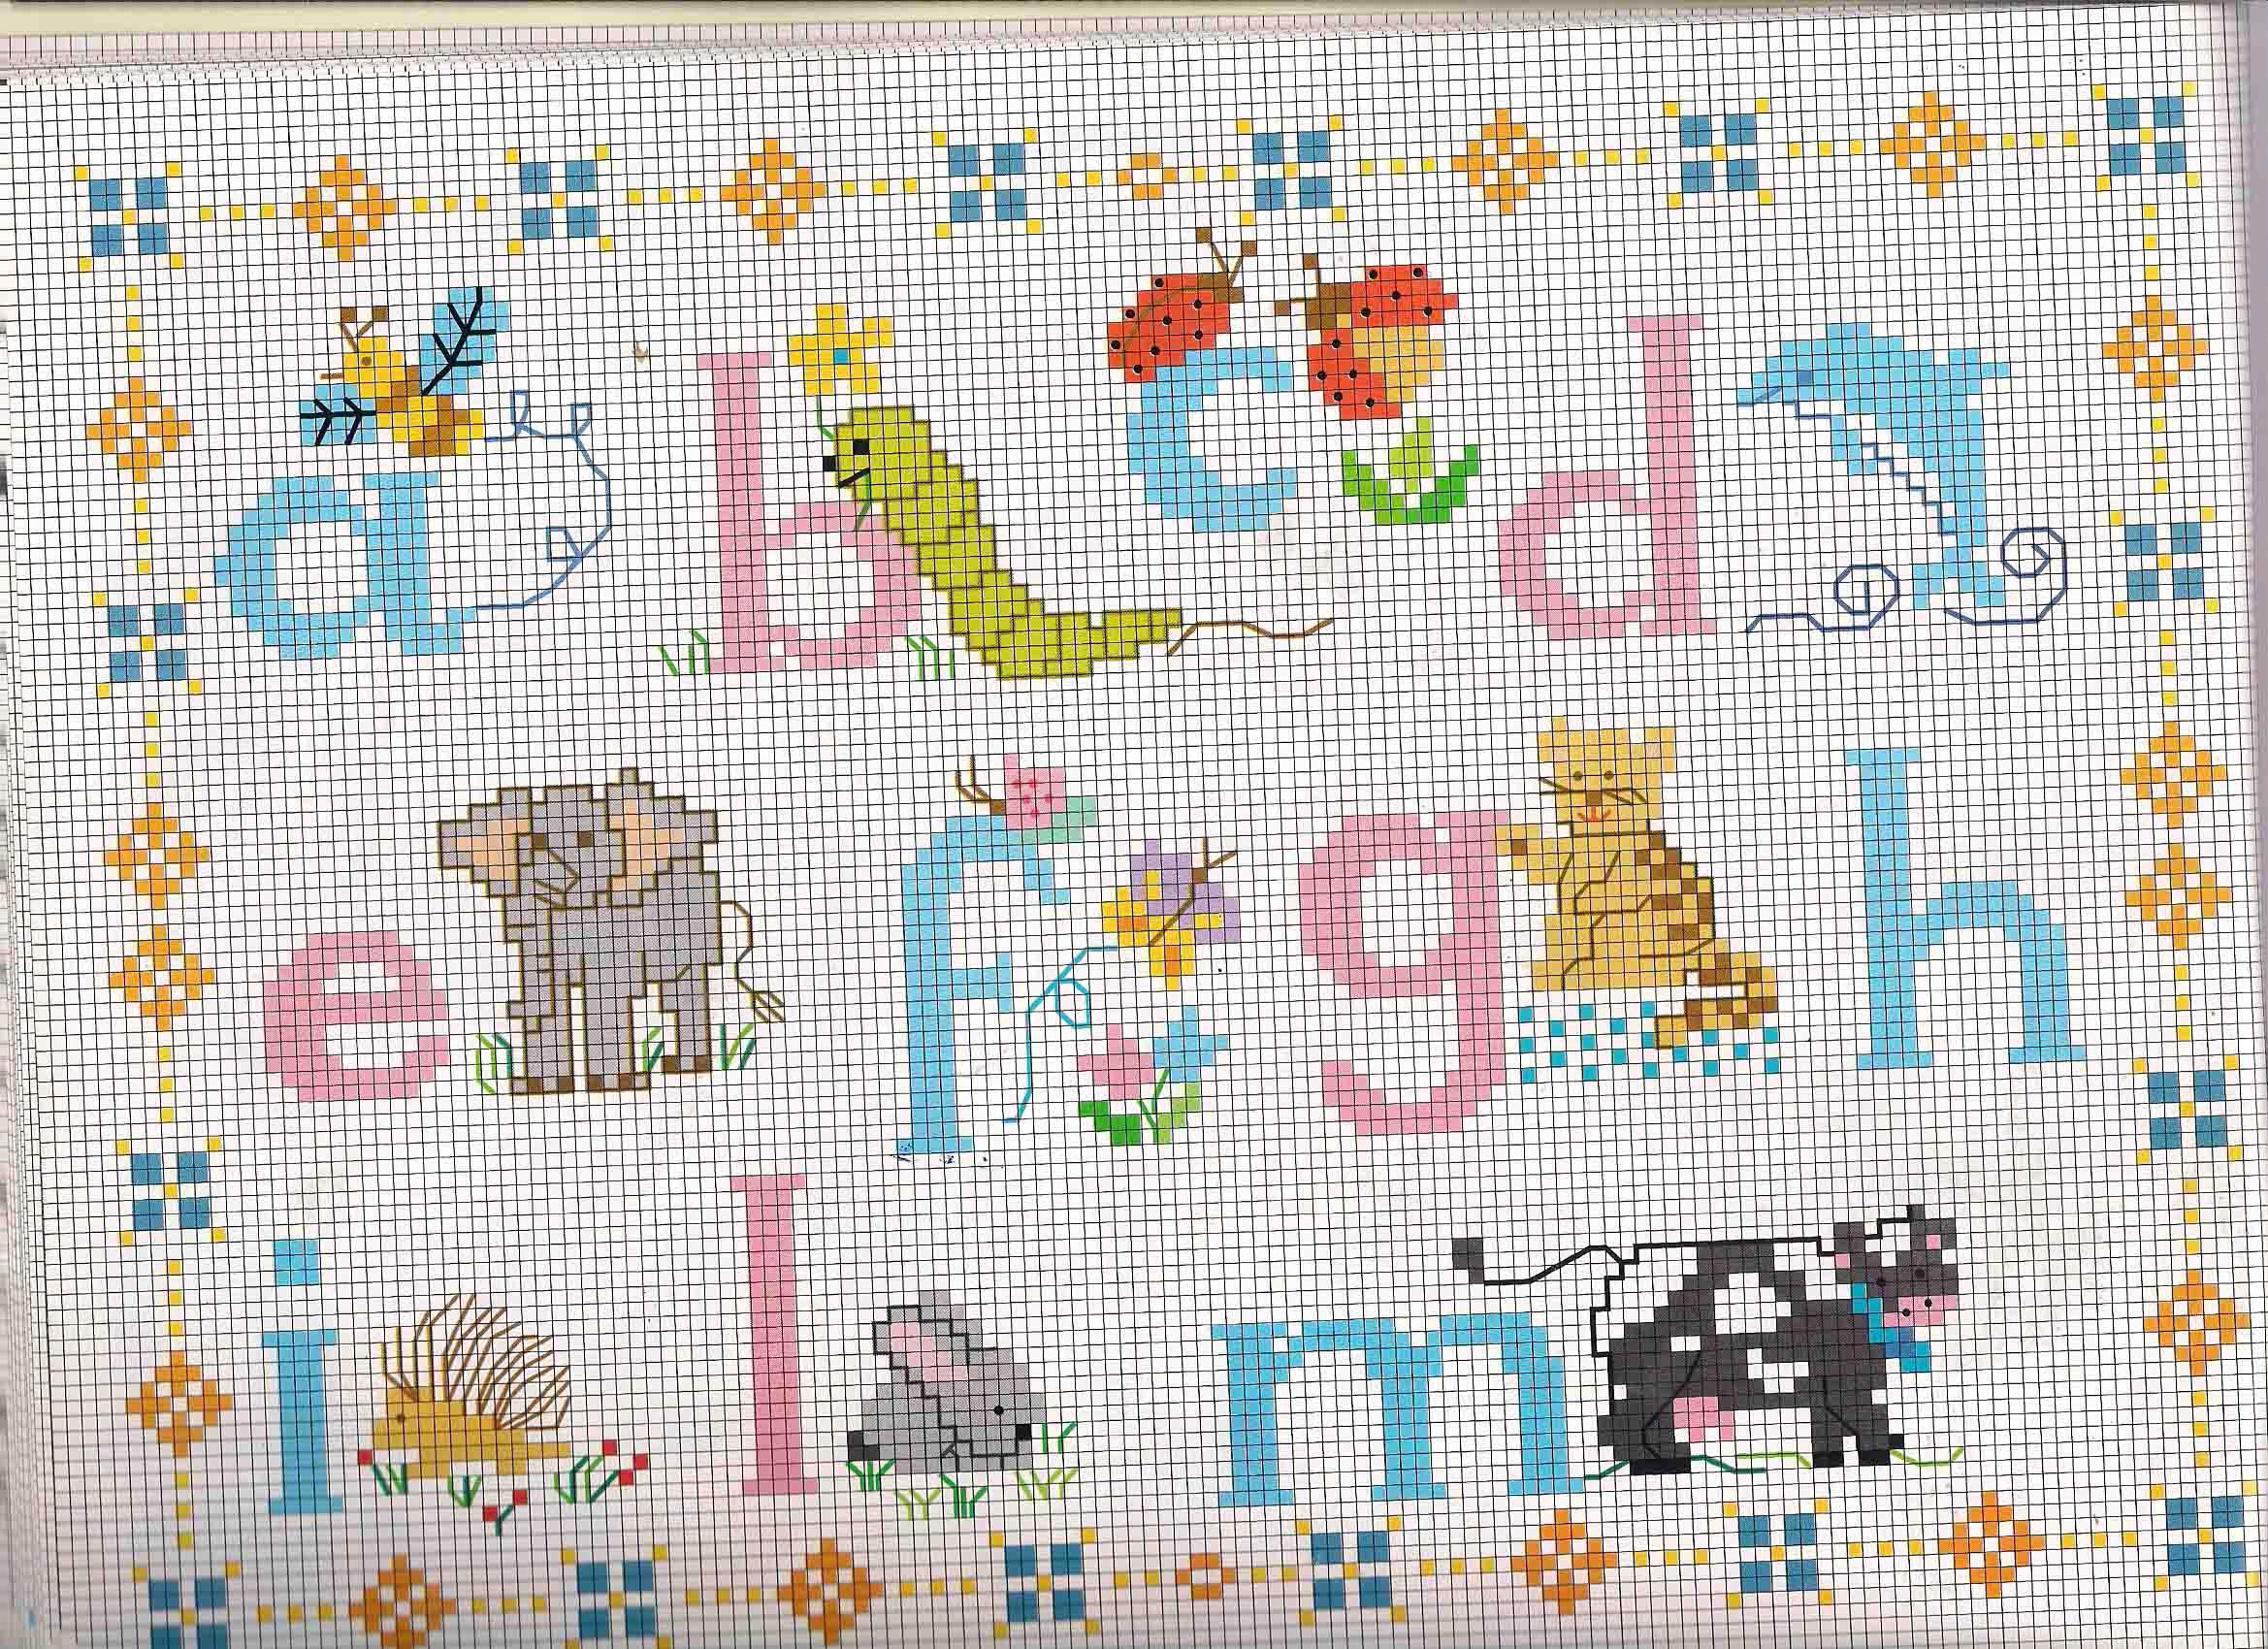 Alfabeto punto croce azzurro rosa con animaletti 1 for Schemi punto croce animali gratis